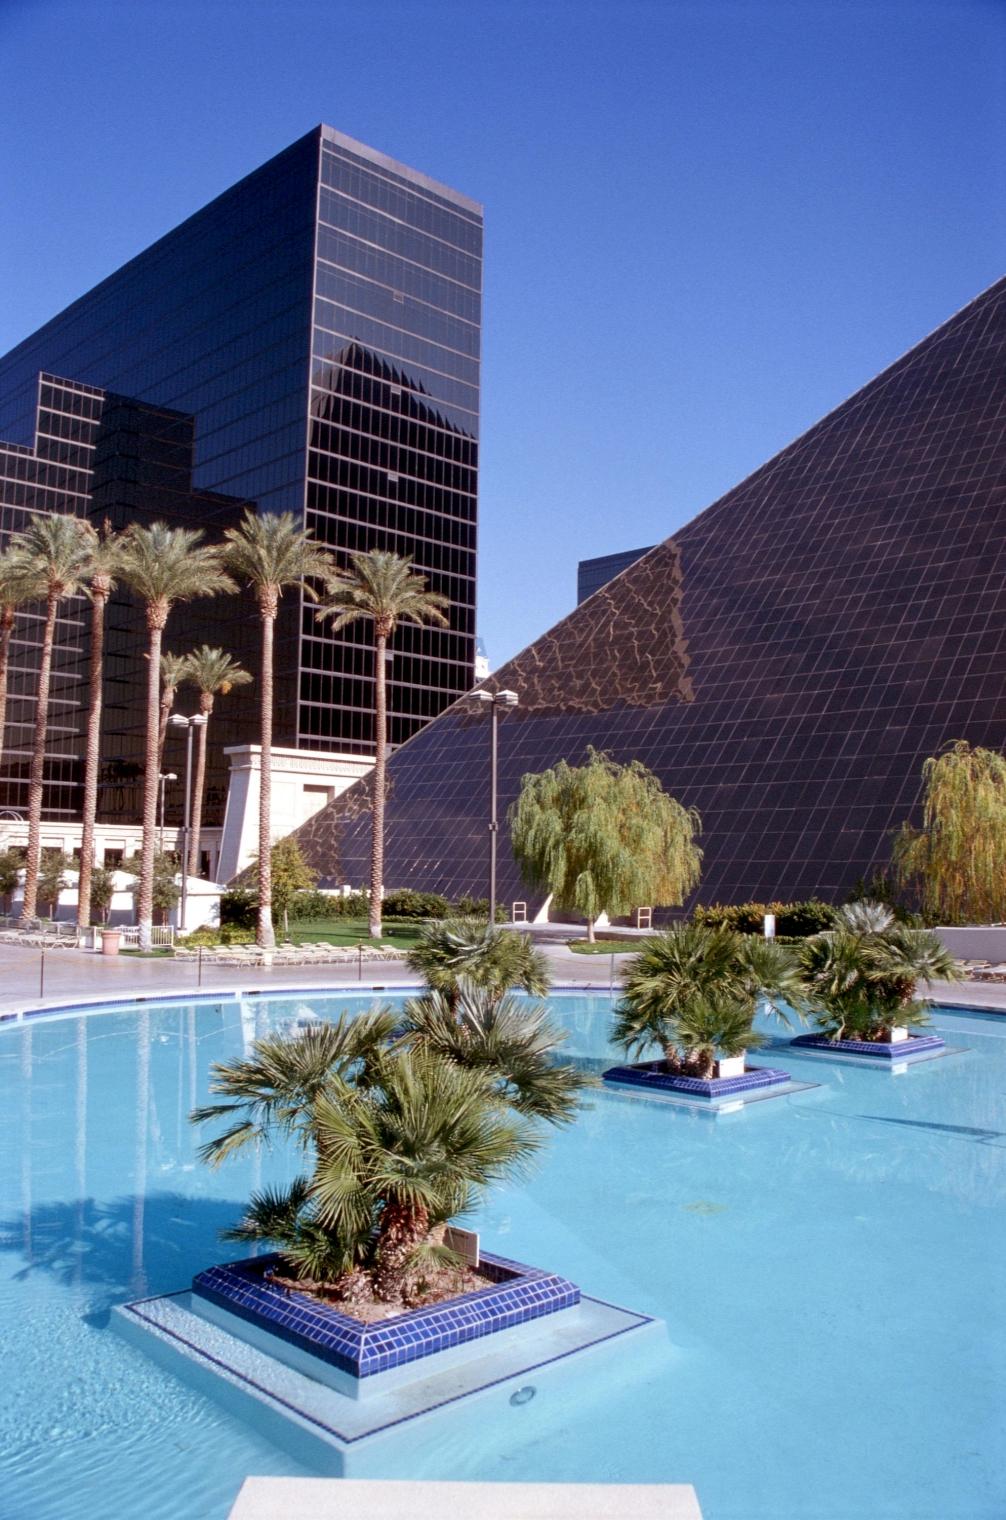 All casino sites